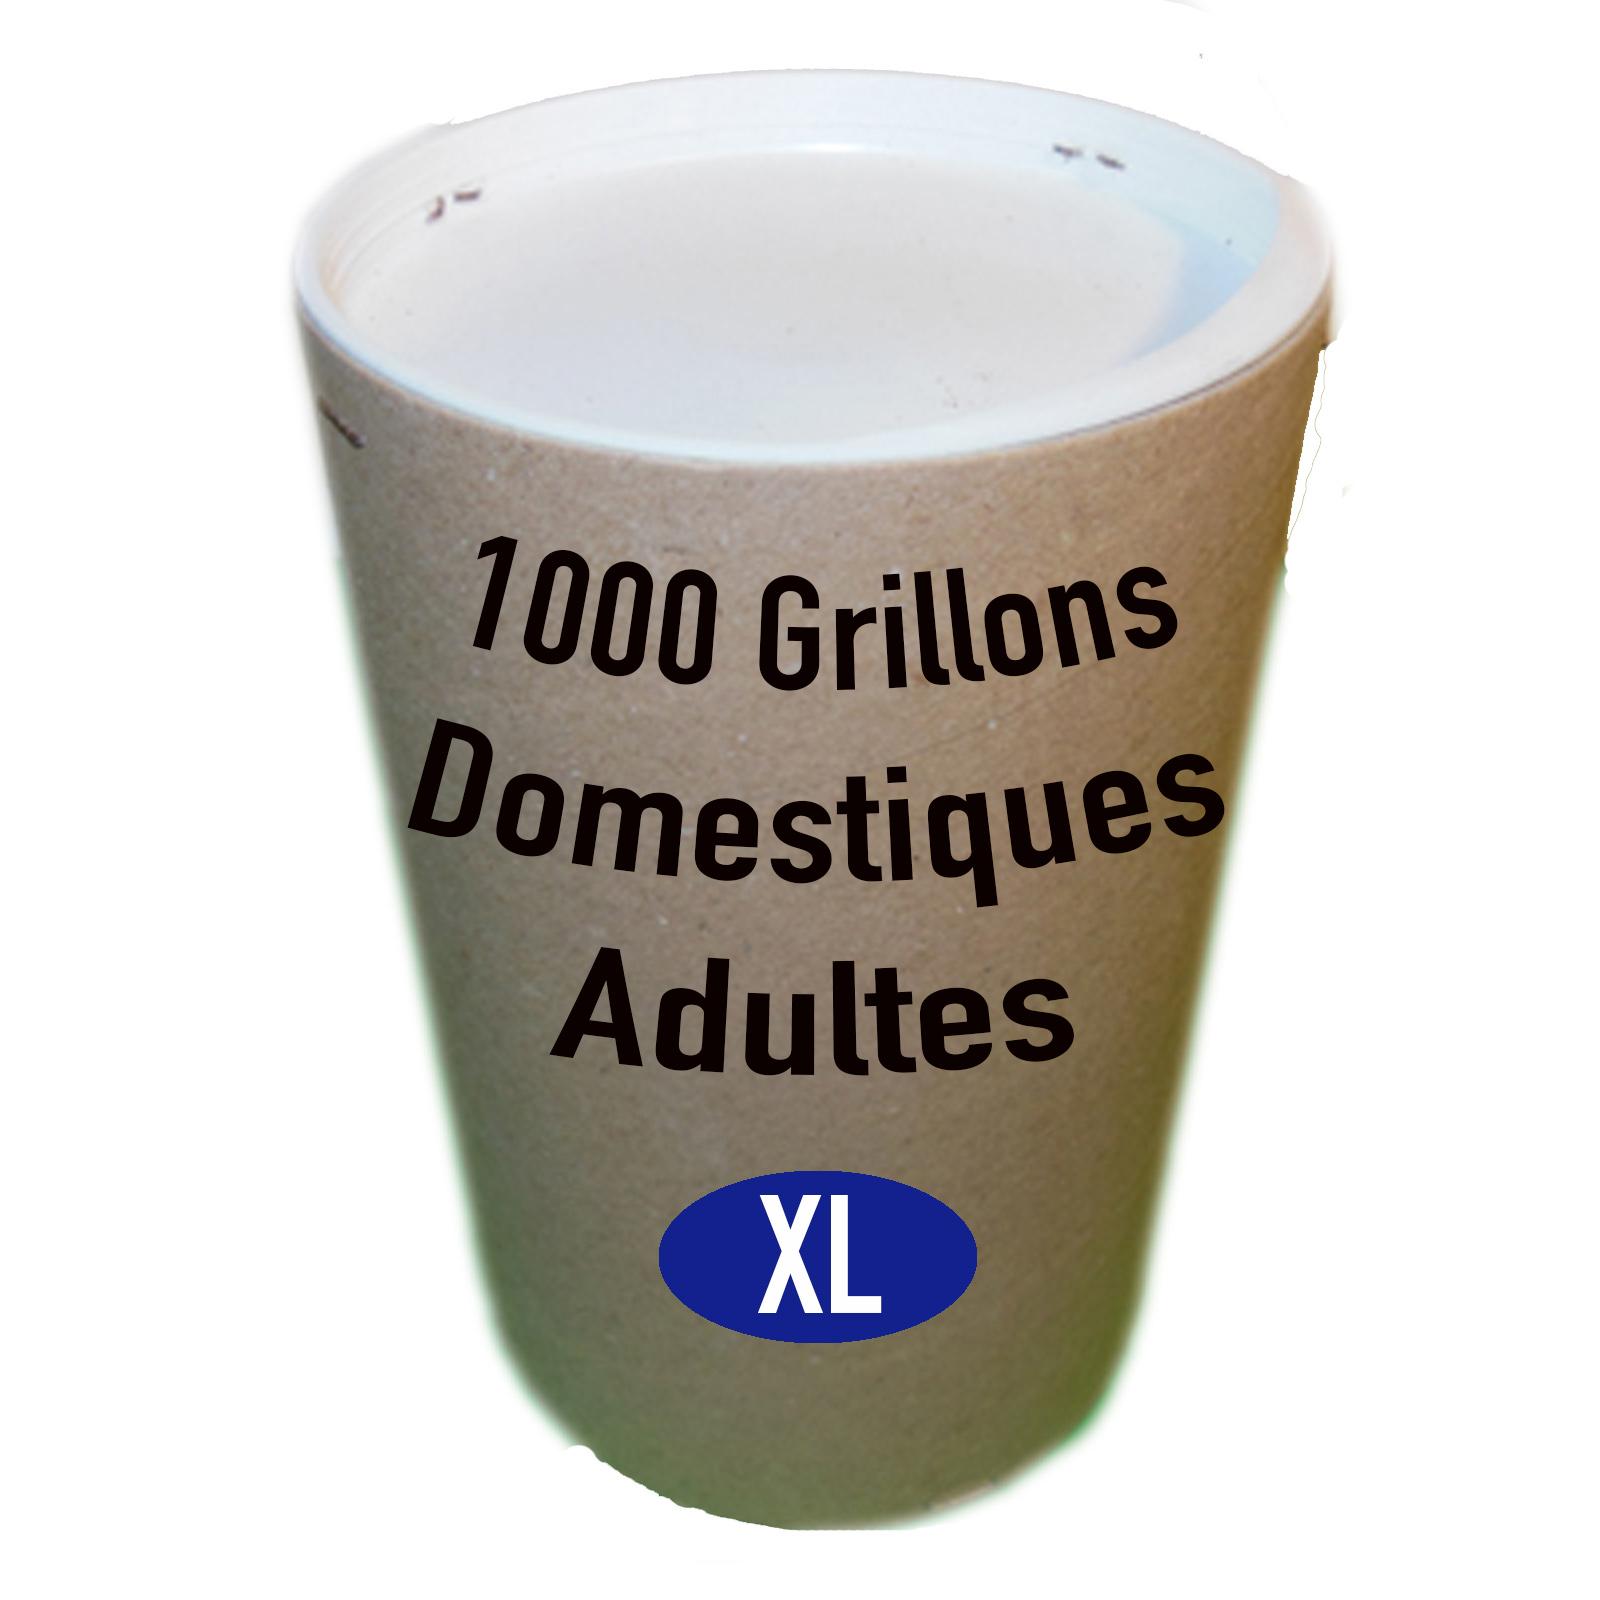 GRILLONS DOMESTIQUES ADULTES PAR 1000